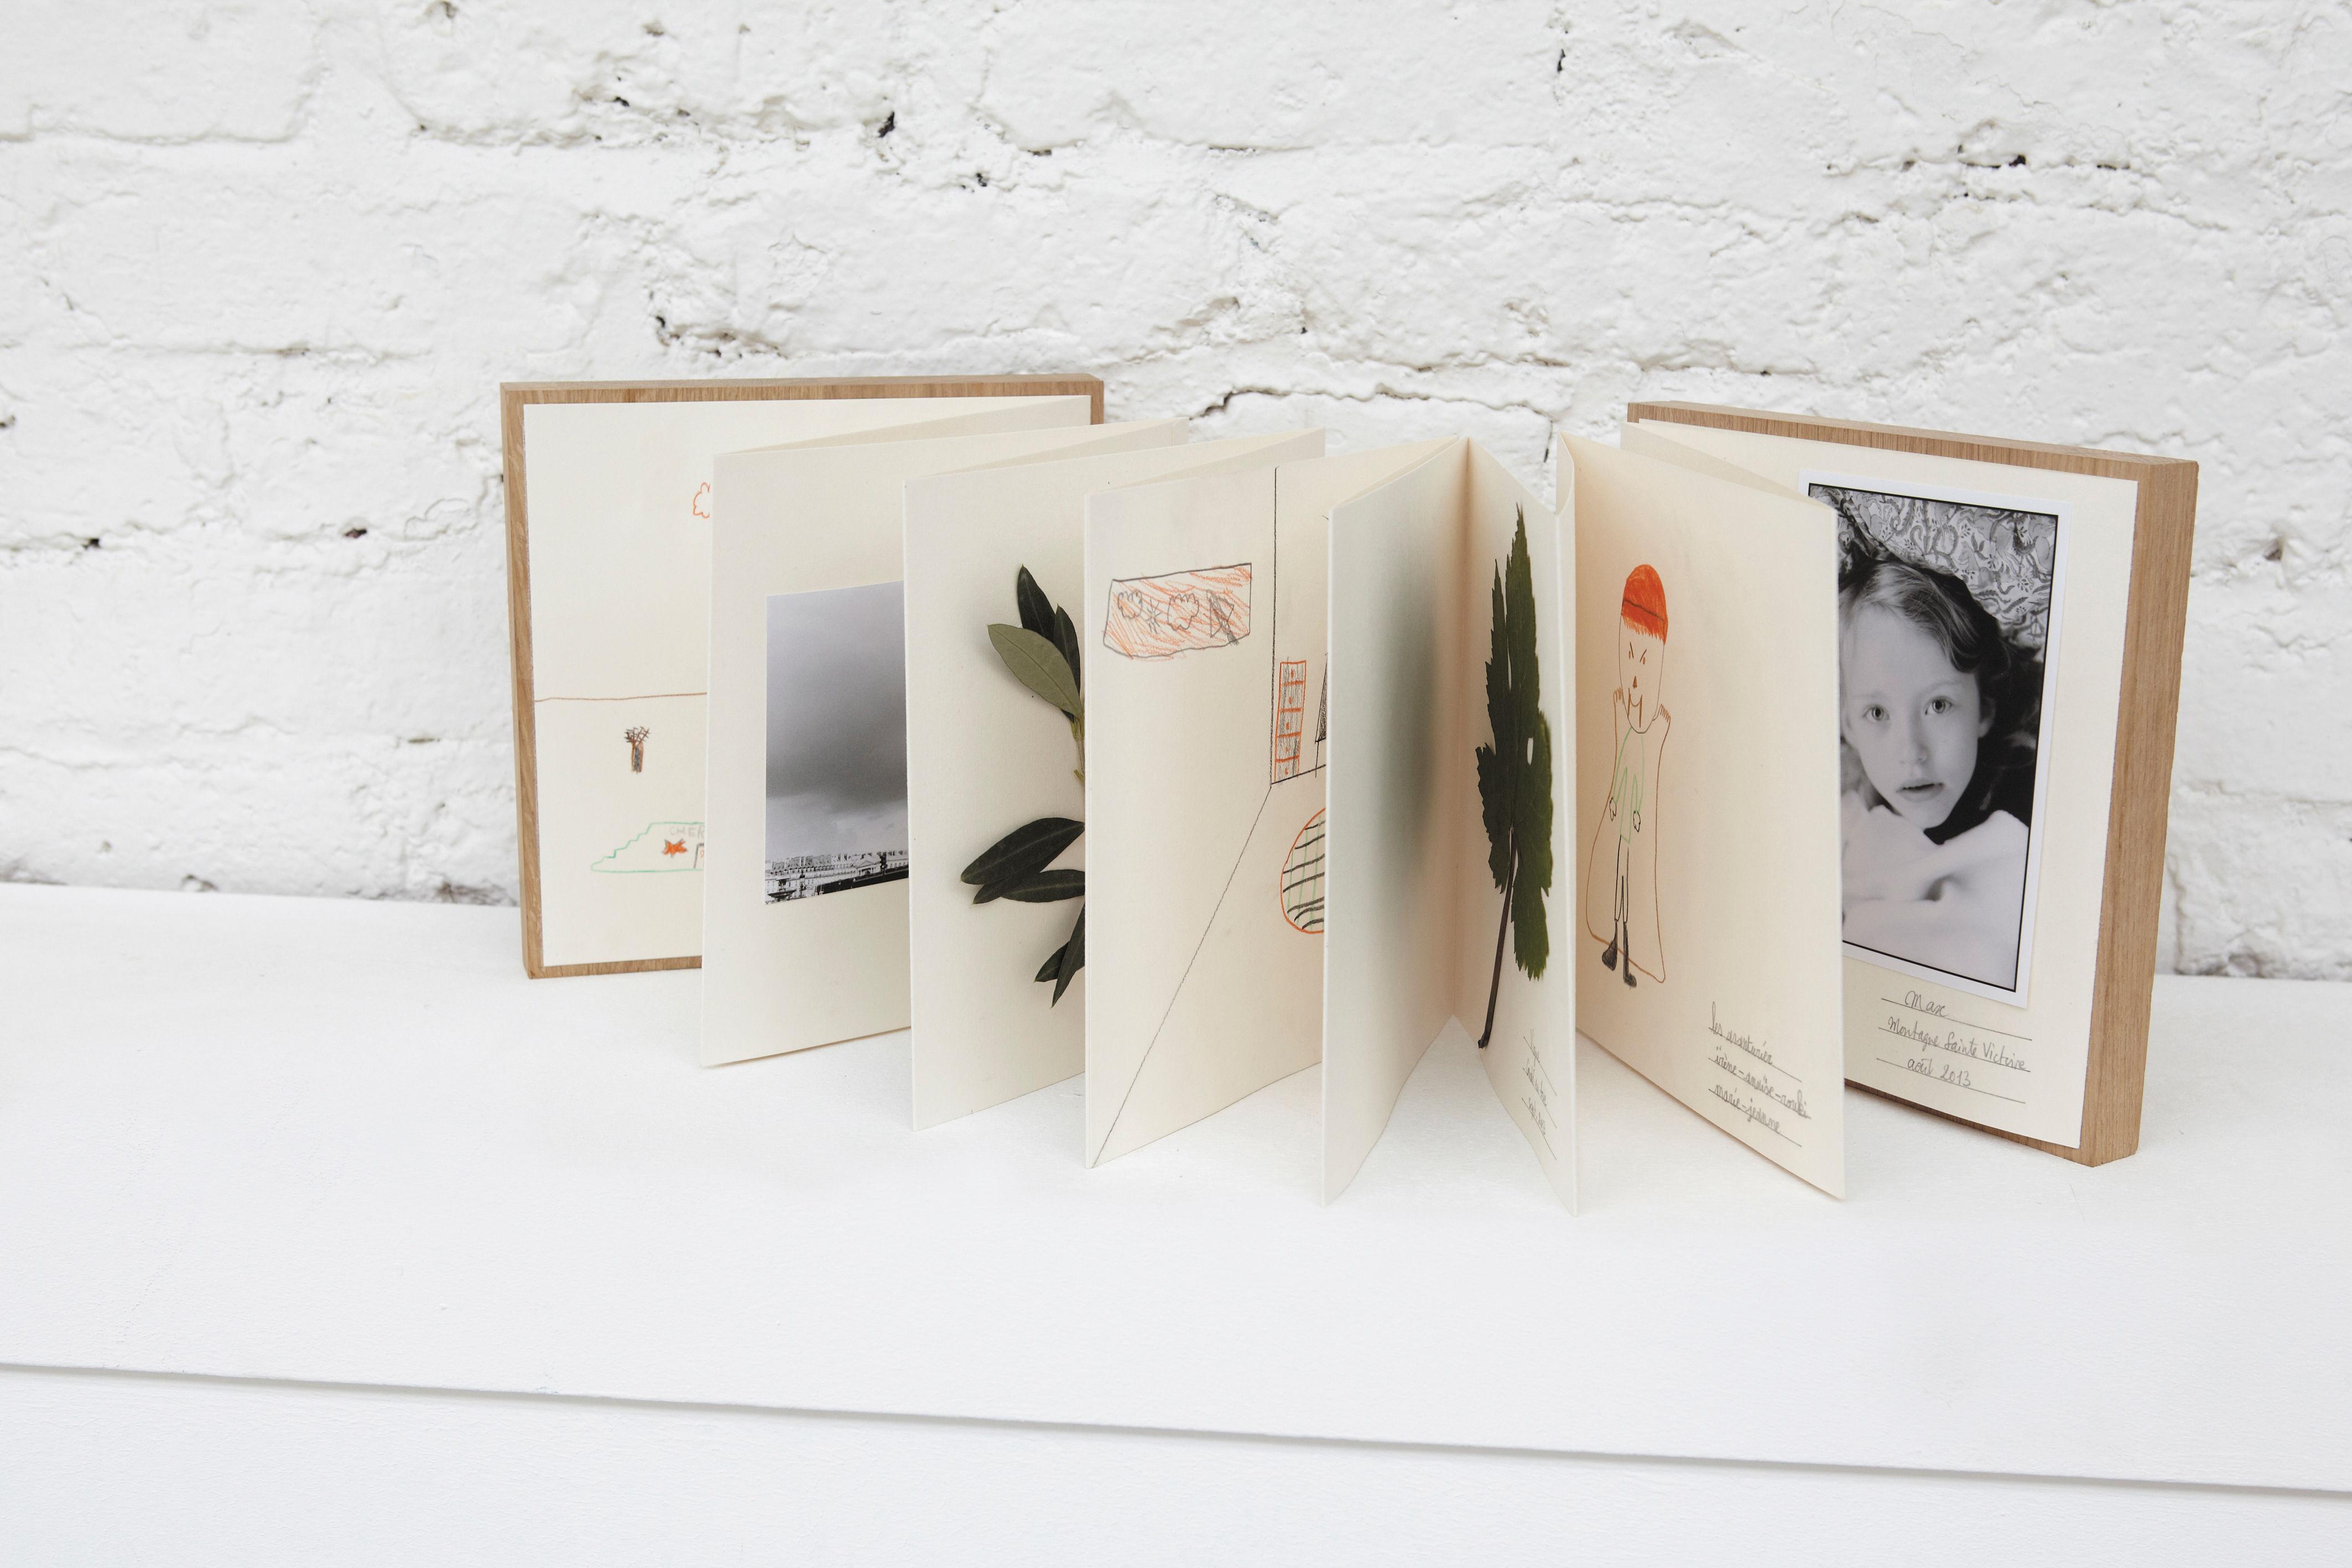 Design Fotoalbum | Portfolio Fotoalbum Schreibheft Herbarium Eiche Weiss By L